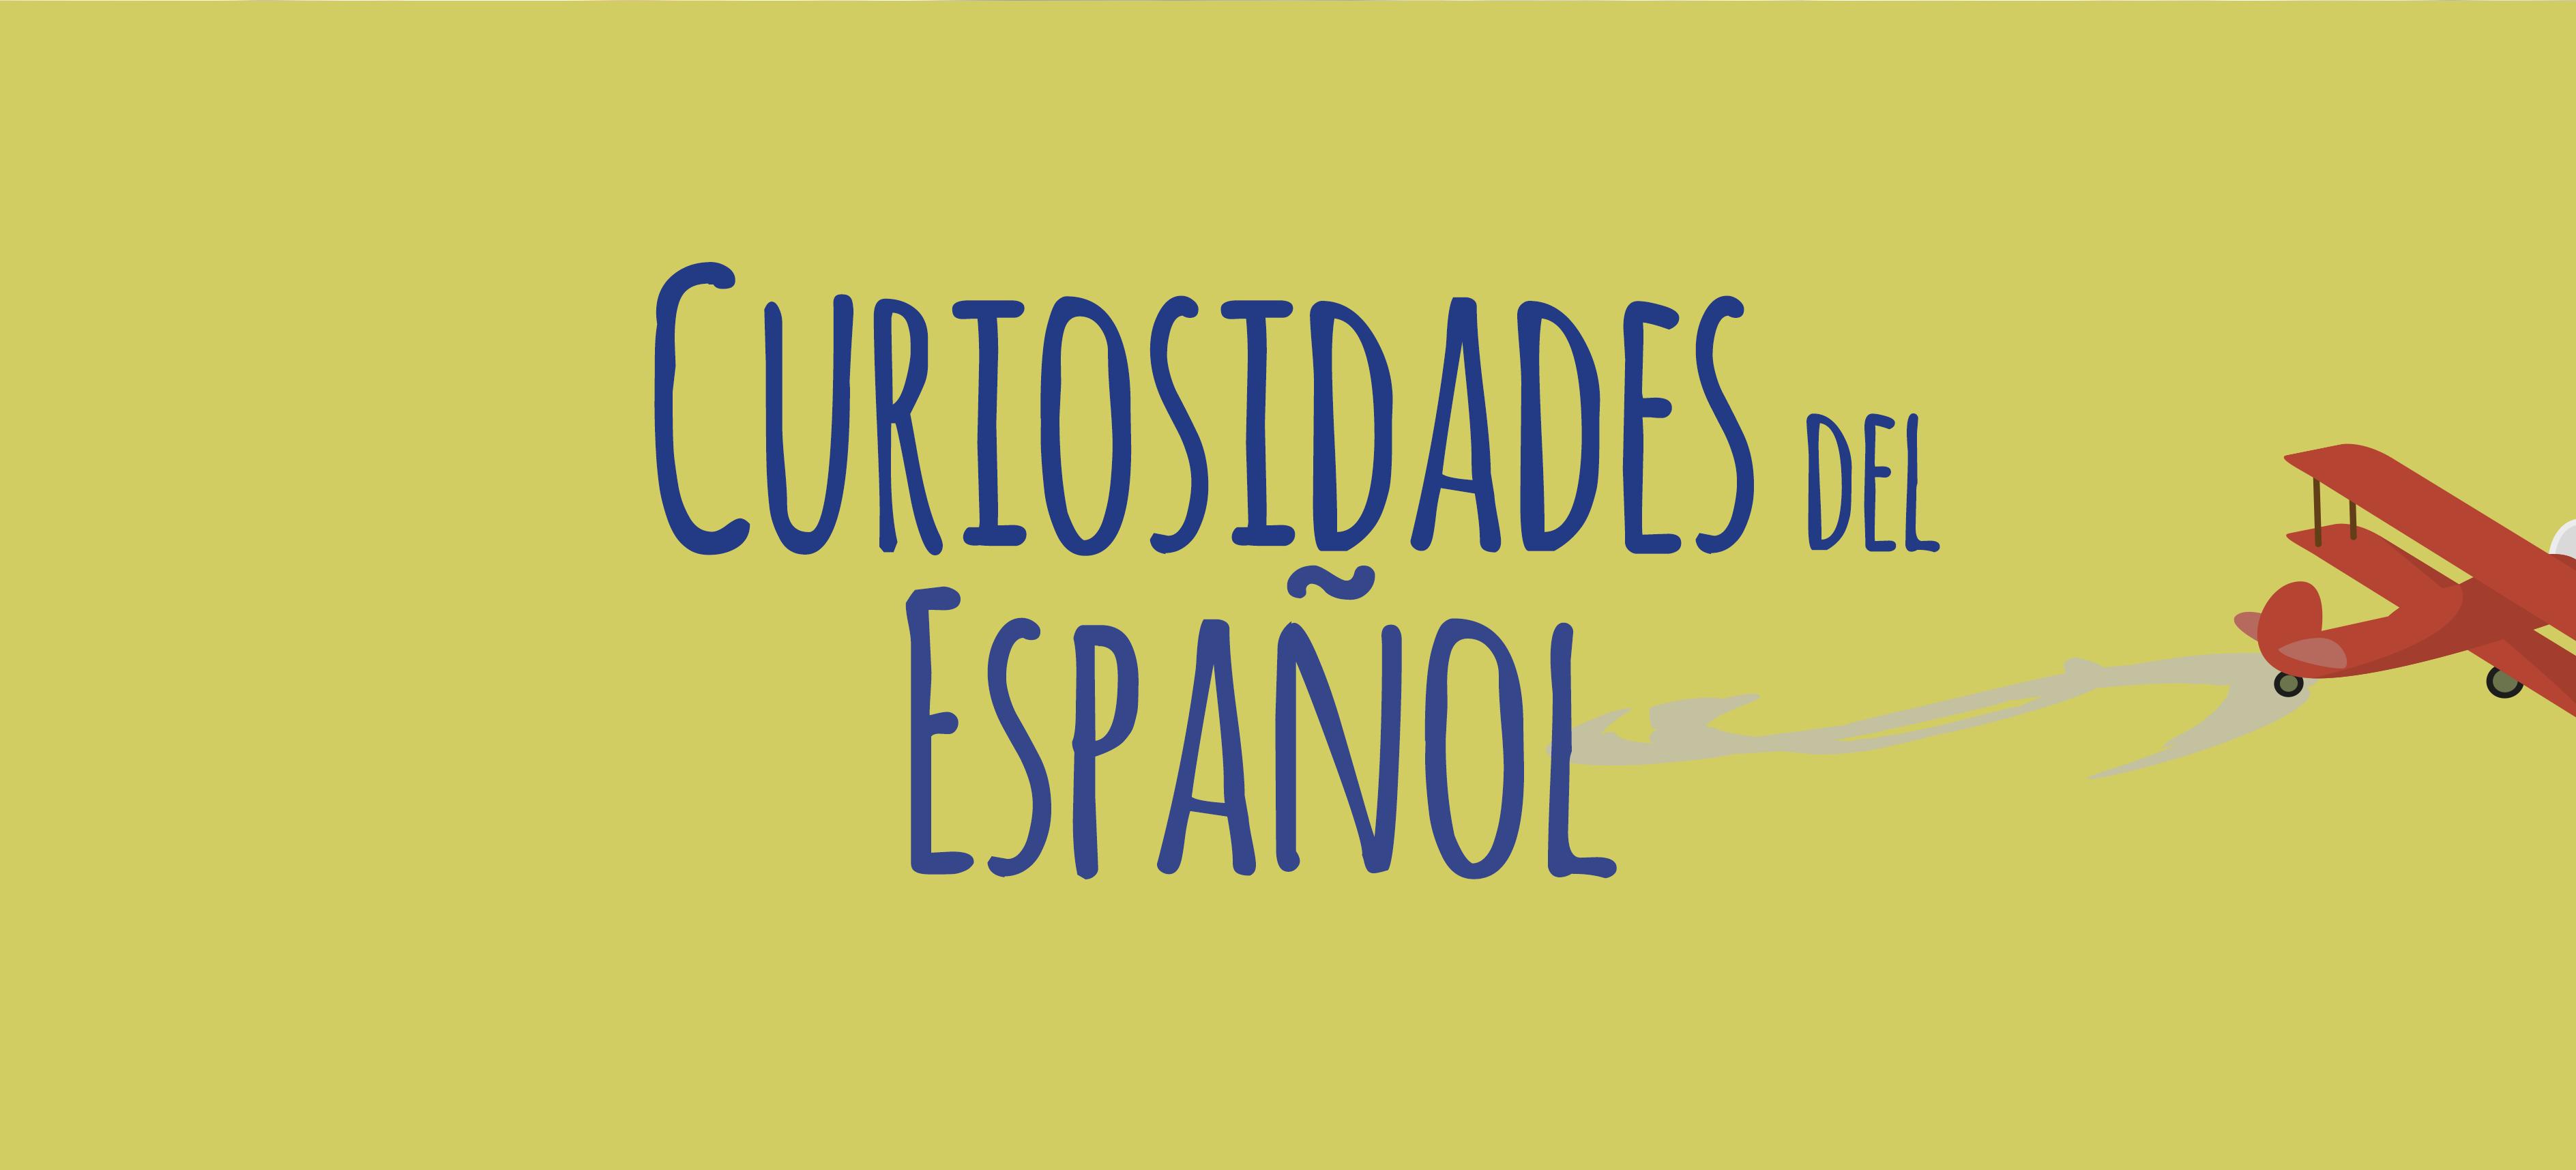 curiosidades-del-español